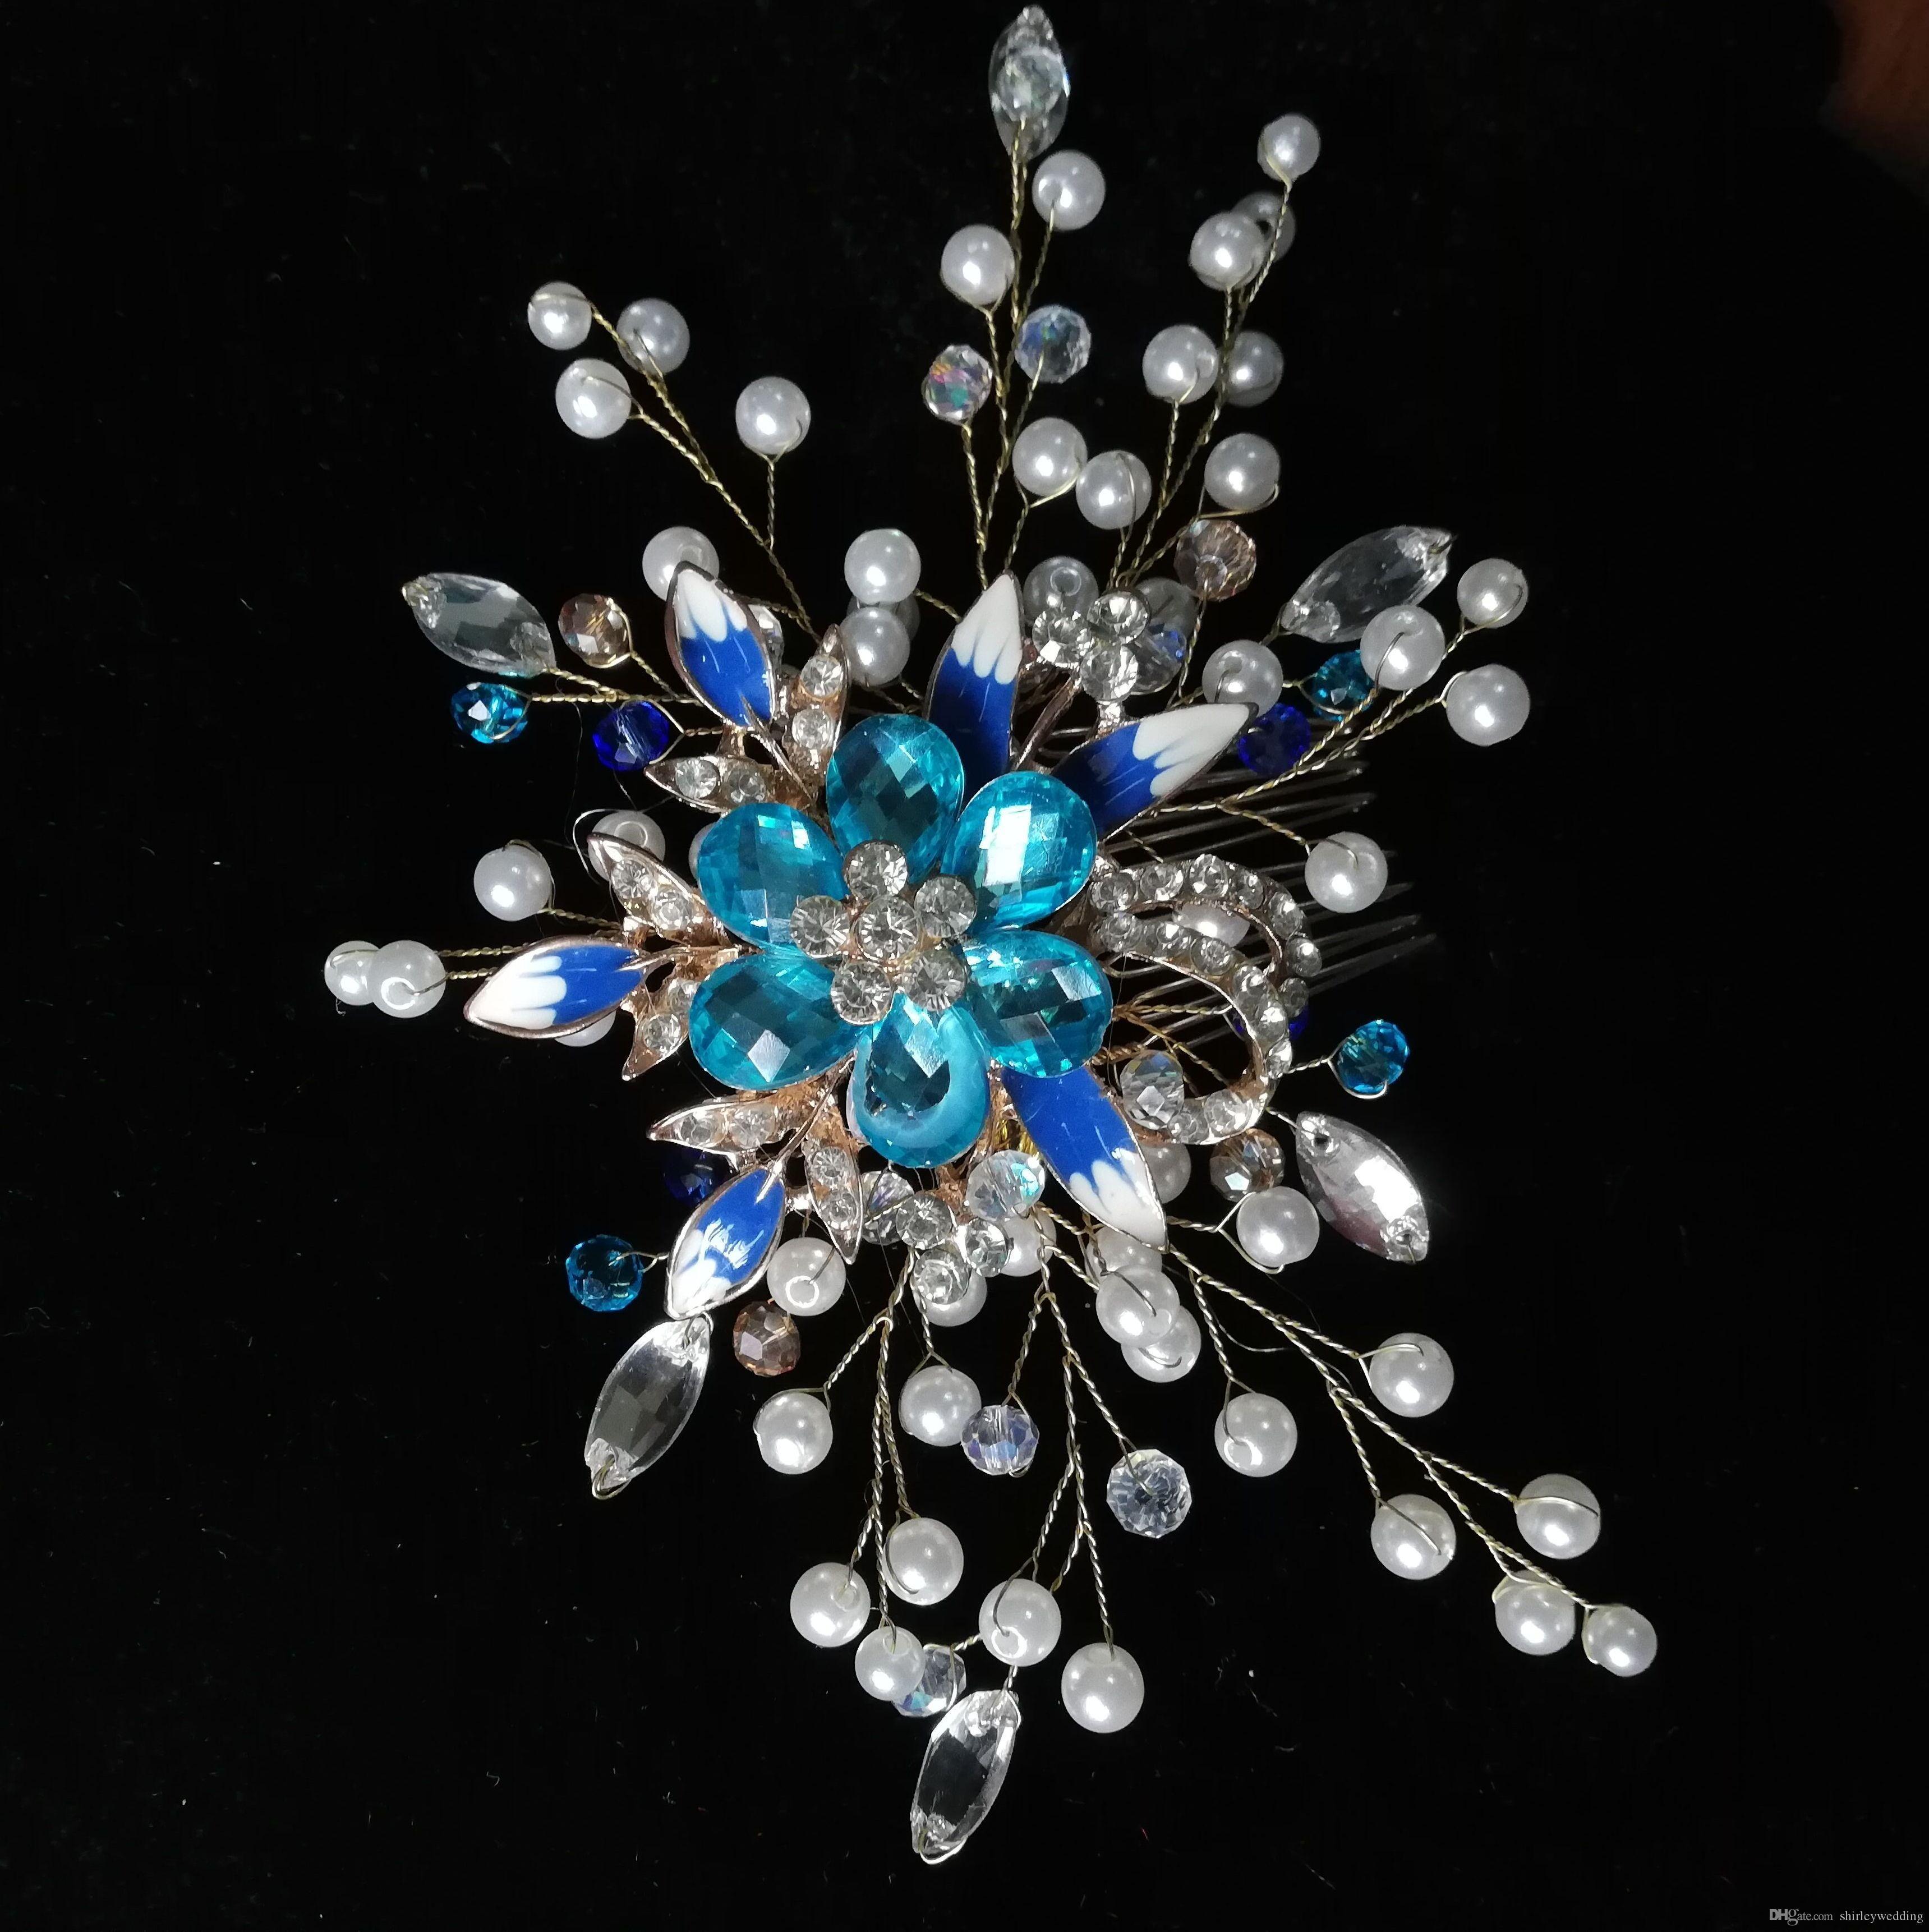 92fbb4270 Bridal Hair Comb Blue Crystal Rhinestone Flower Princess Wedding Bride Hair  Clip Barrettes Pins Silver Color For Women Canada 2019 From Shirleywedding,  ...